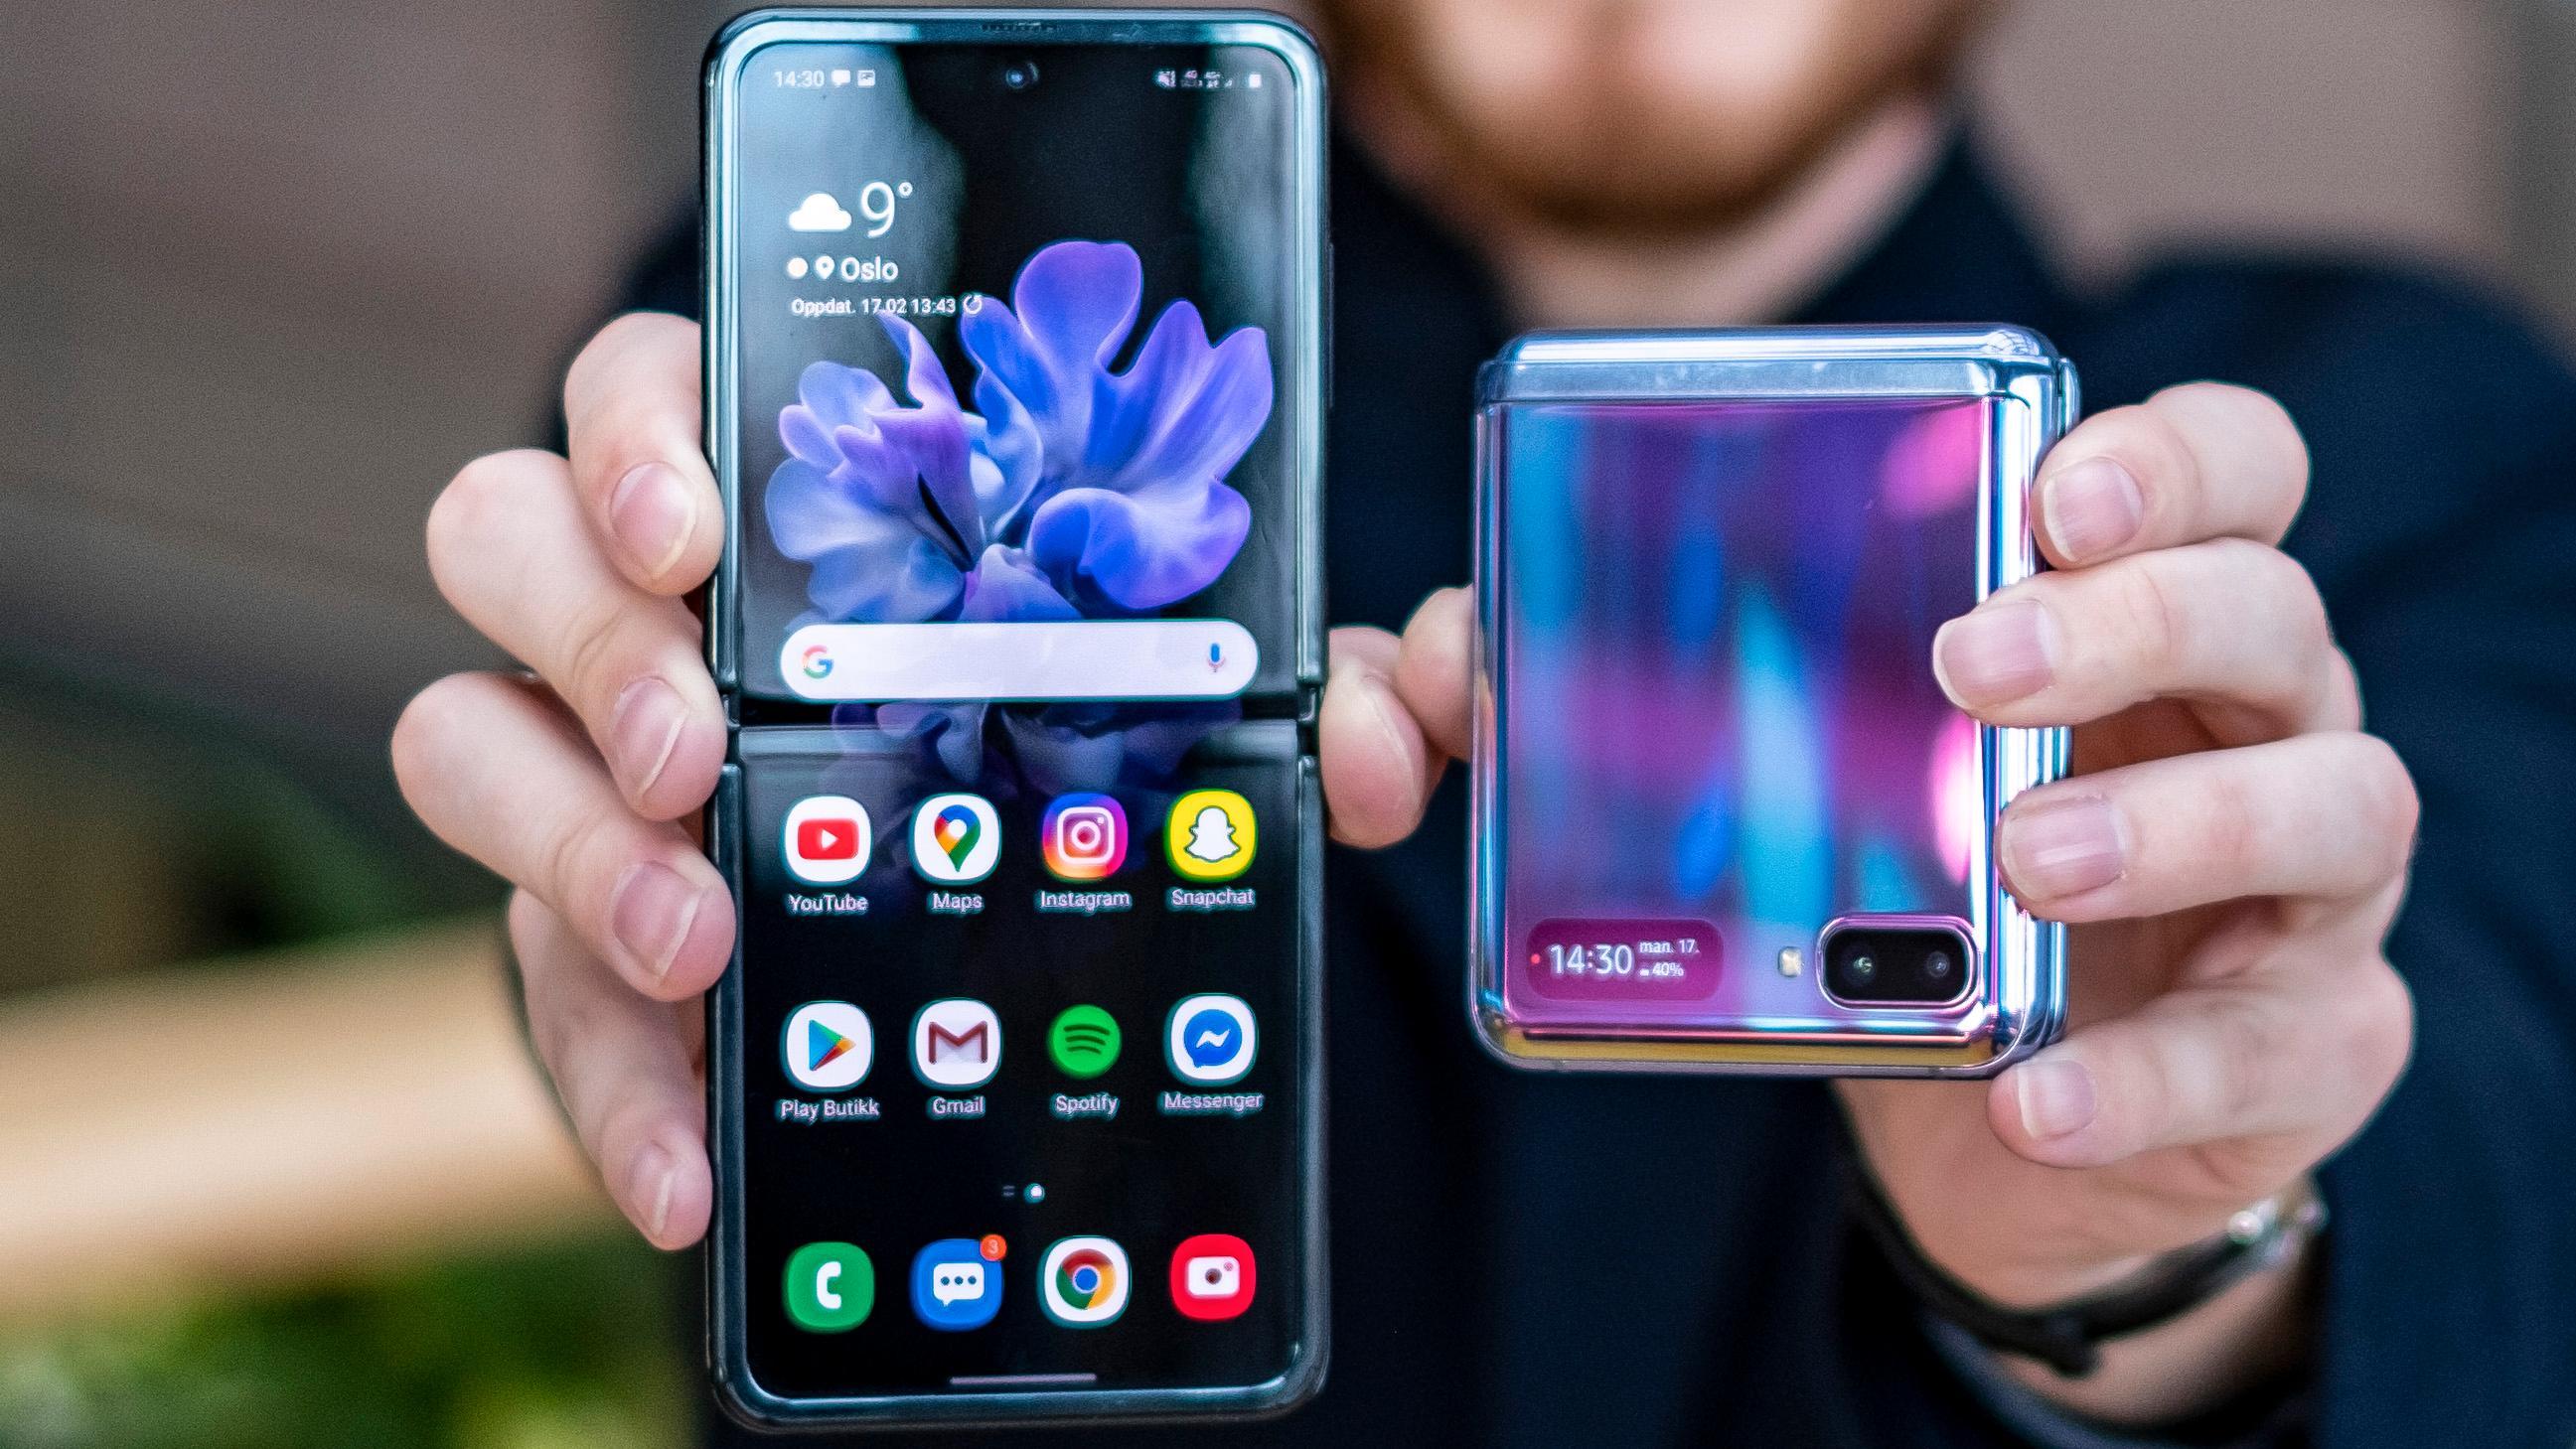 Oppfølgeren til Galaxy Z Flip kan bli en av de antatt fem nye brettemobilene fra Samsung i år. Det er mulig at det blir en budsjettmodell, om ryktene holder vann.